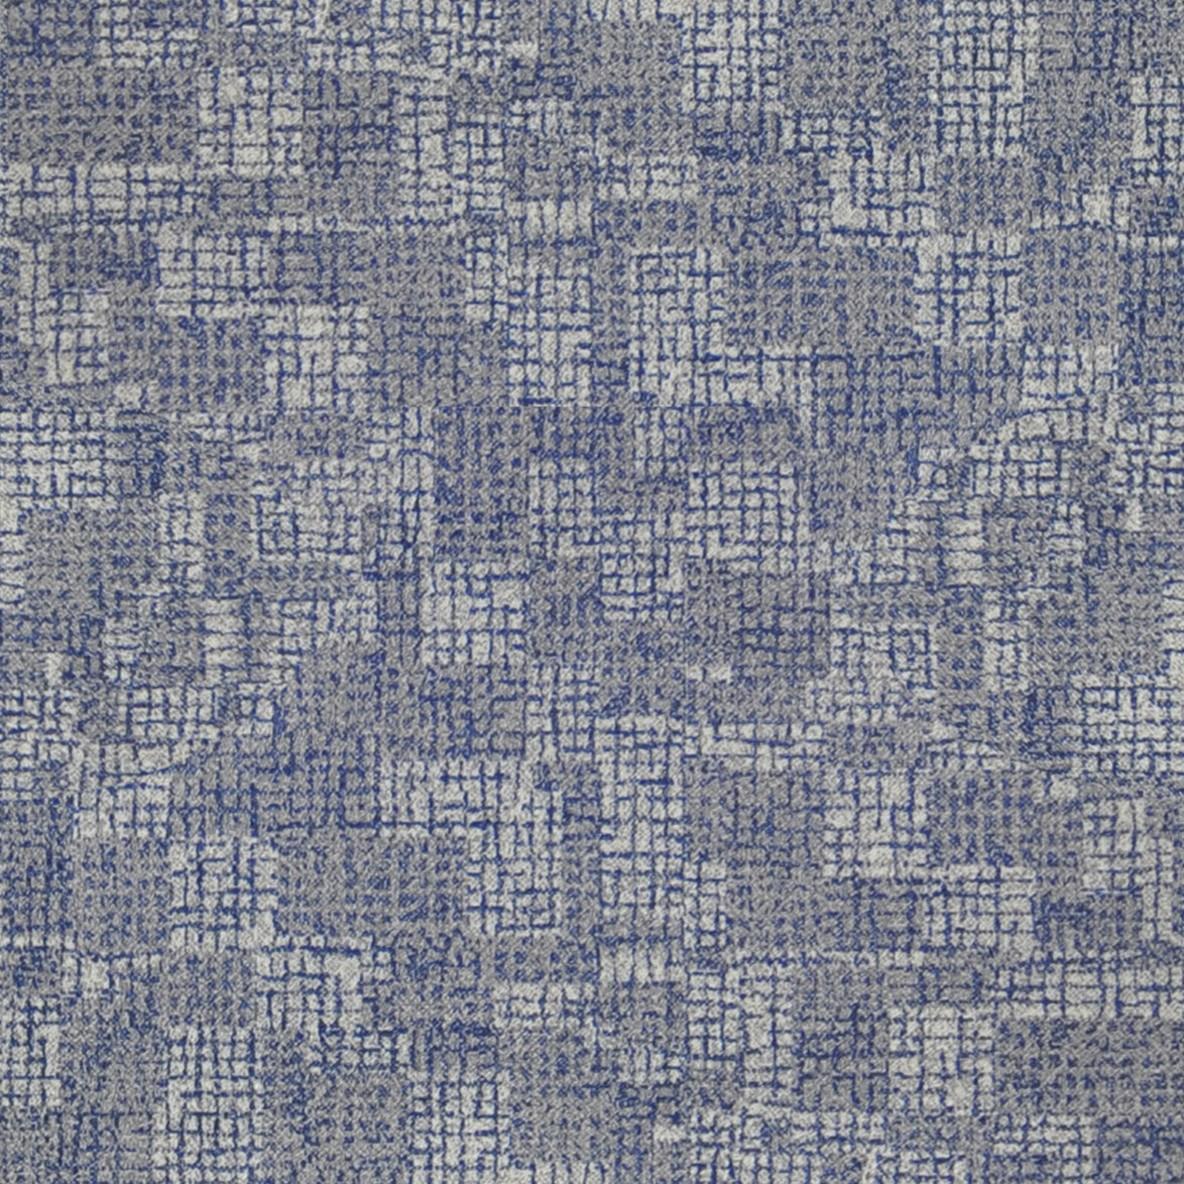 07light Blue Prism Carpet Tile